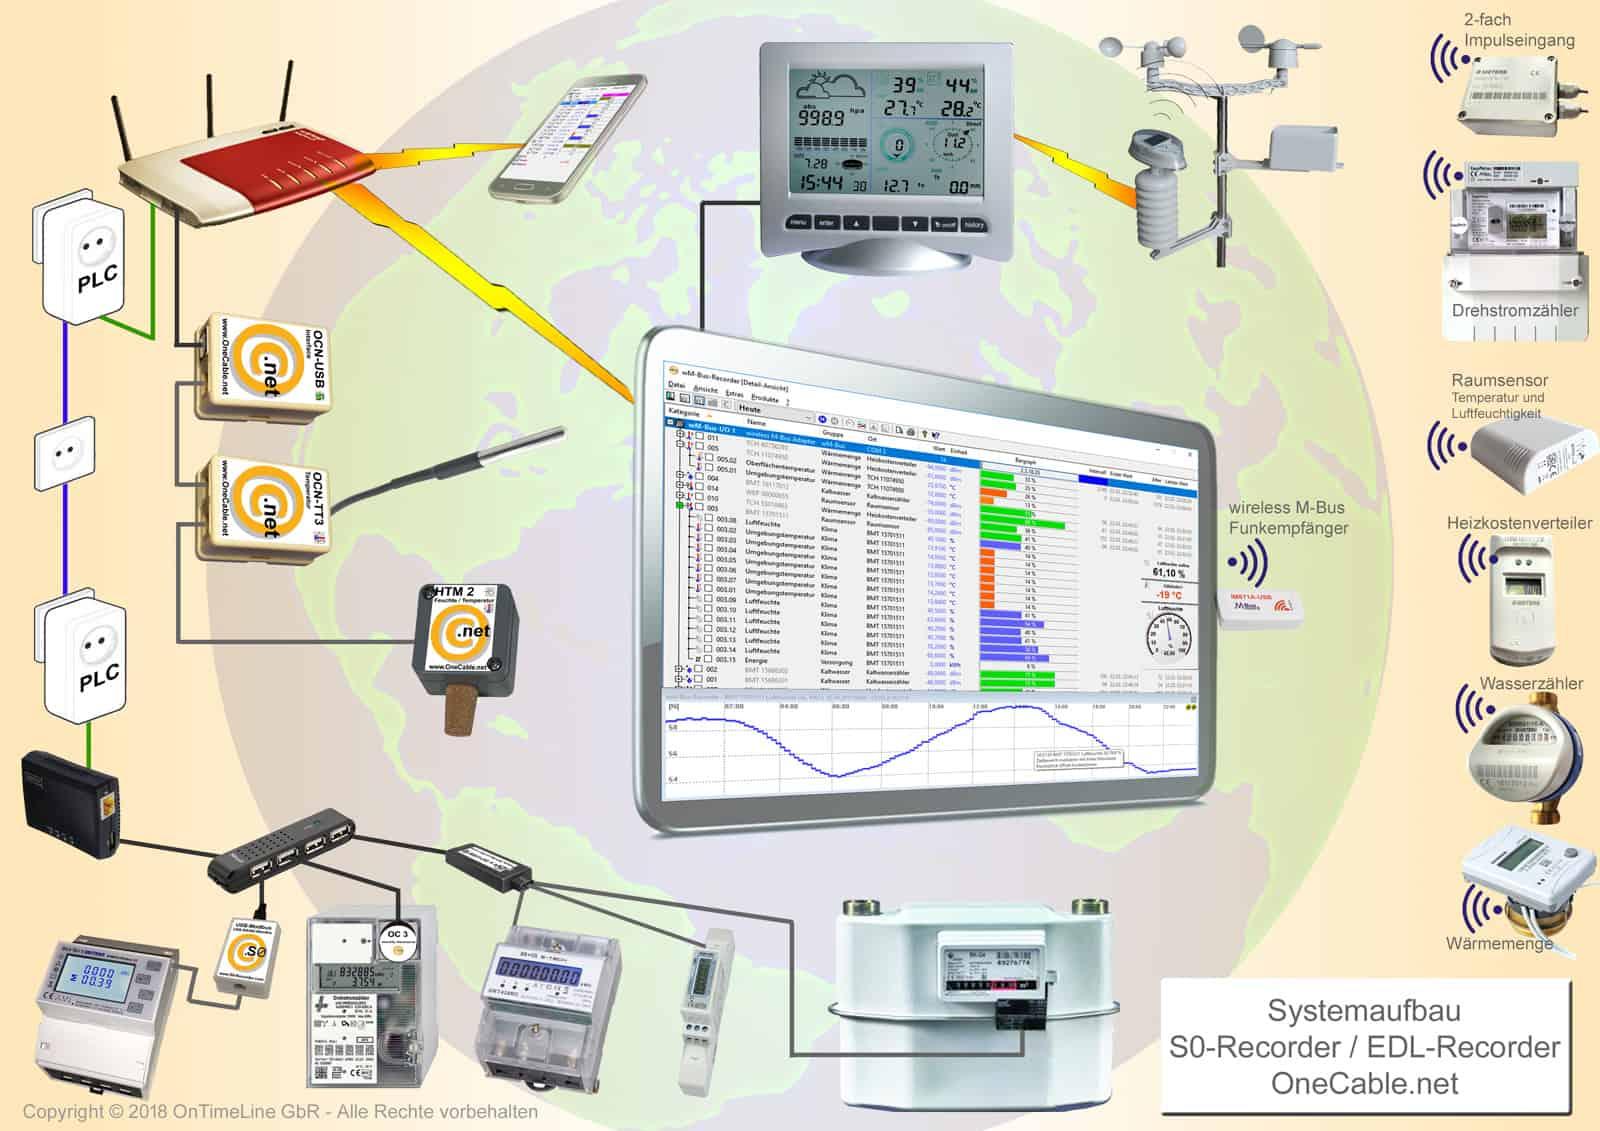 Temperaturen, Stromverbrauch und Durchfluss von Gas, Wasser und Wärmemenge in PC-Messwerterfassung